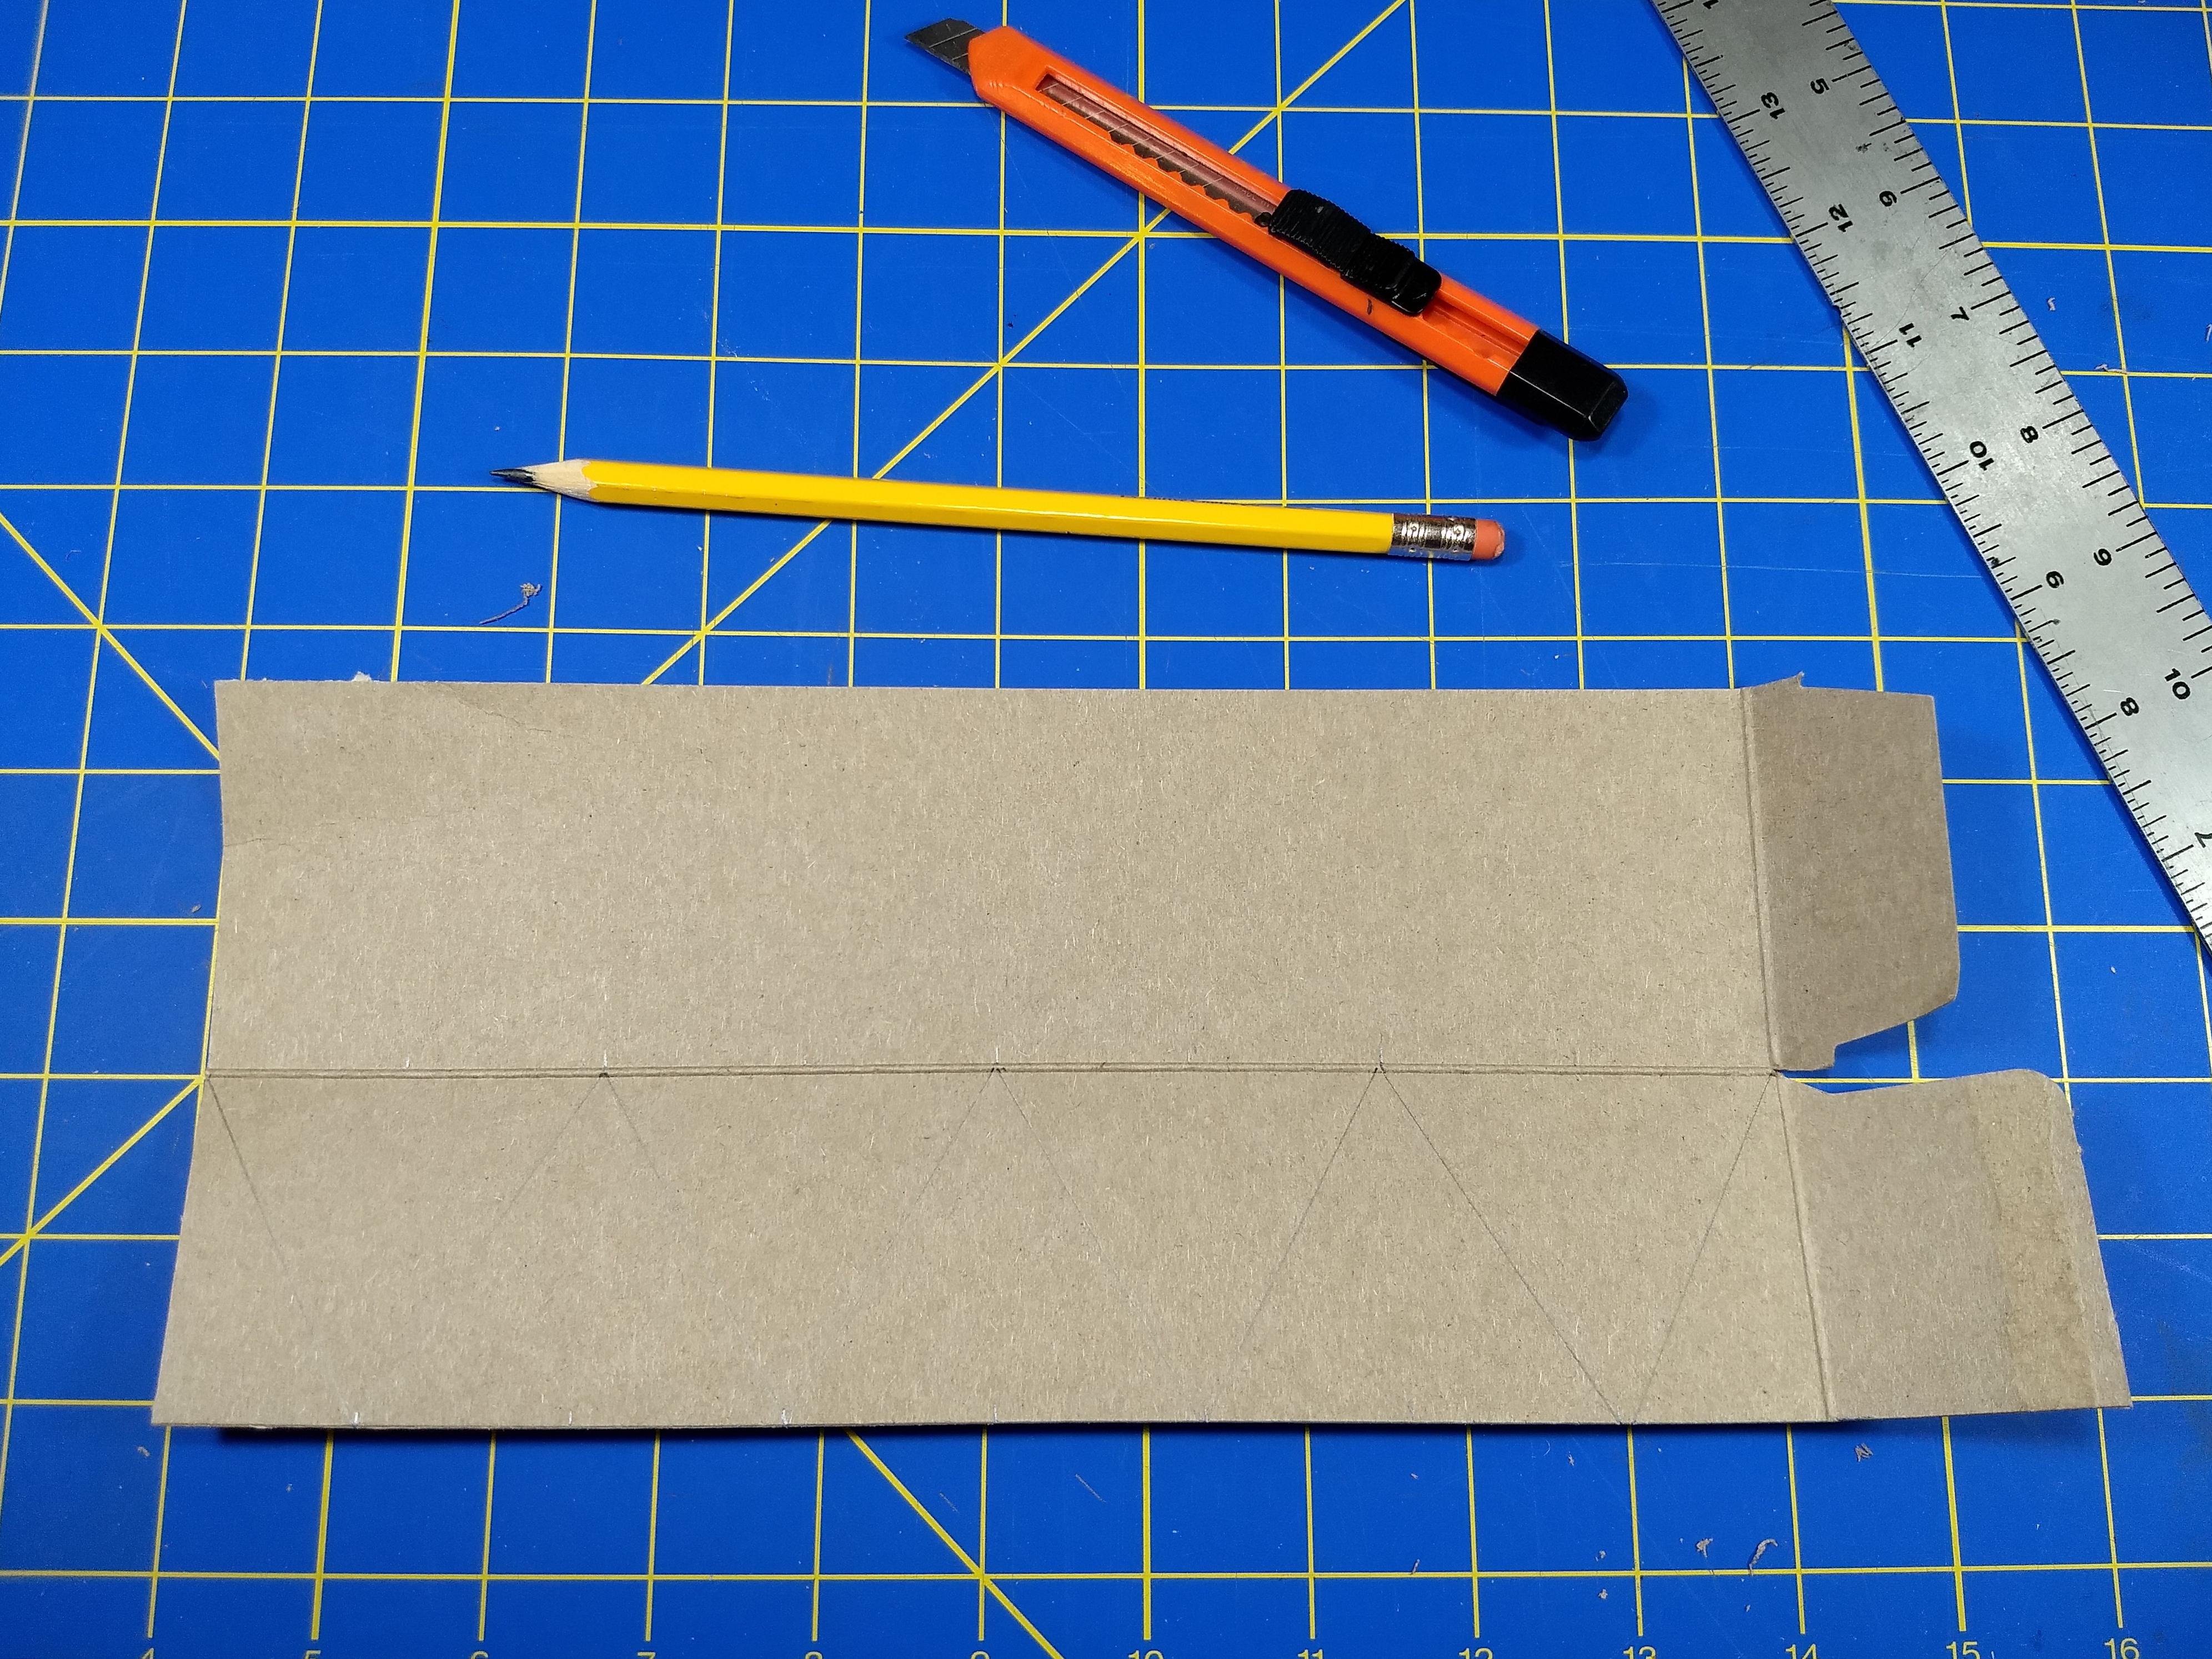 gaming_1-CardboardStrip.jpg